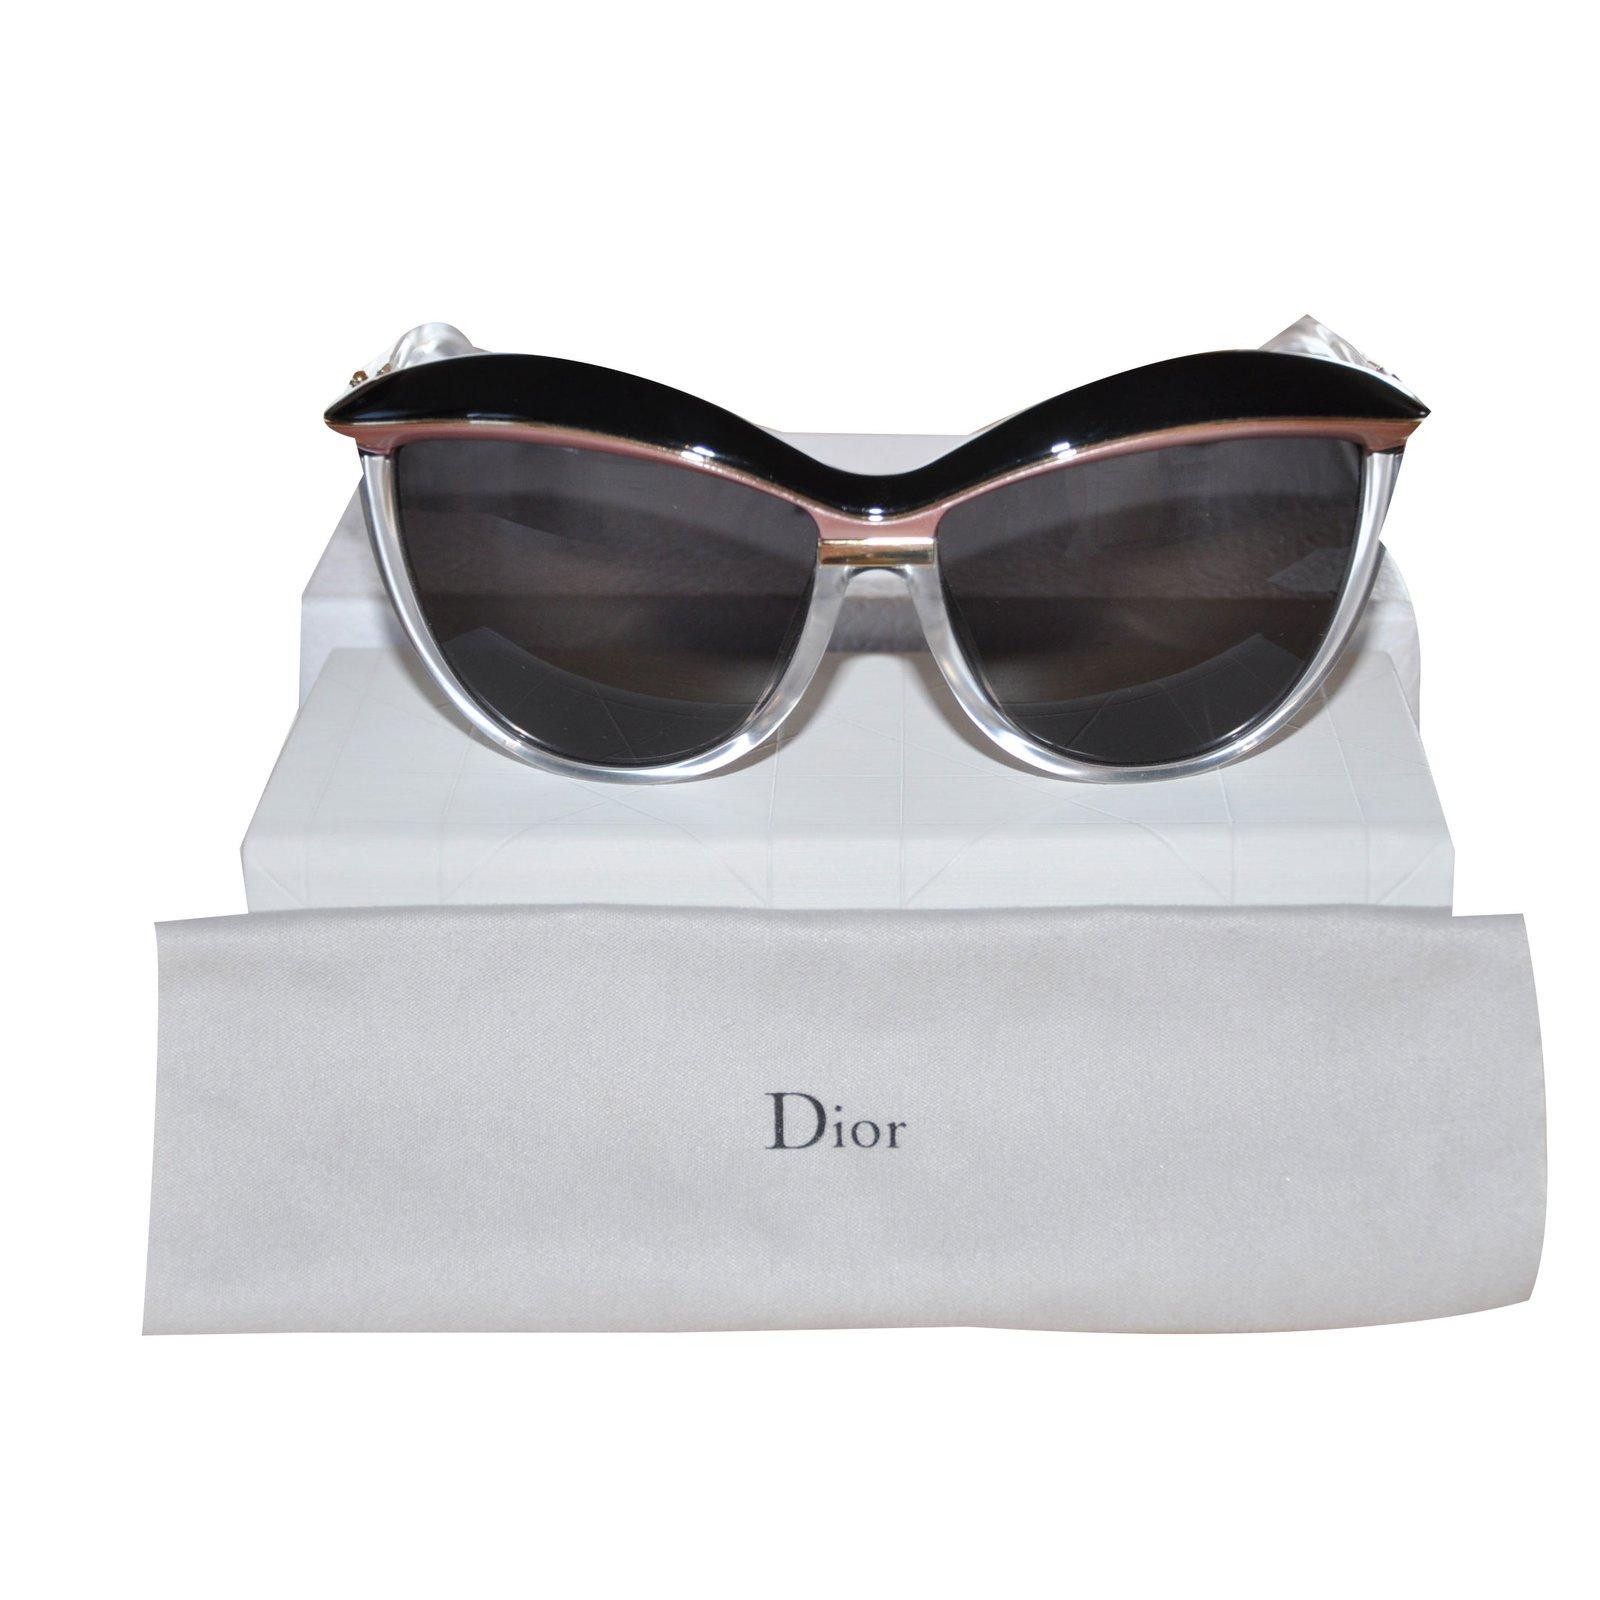 Lunettes Dior Lunettes de soleil Dior Demoiselle 2 acetate Noir,Rose  ref.36162 ba280474354